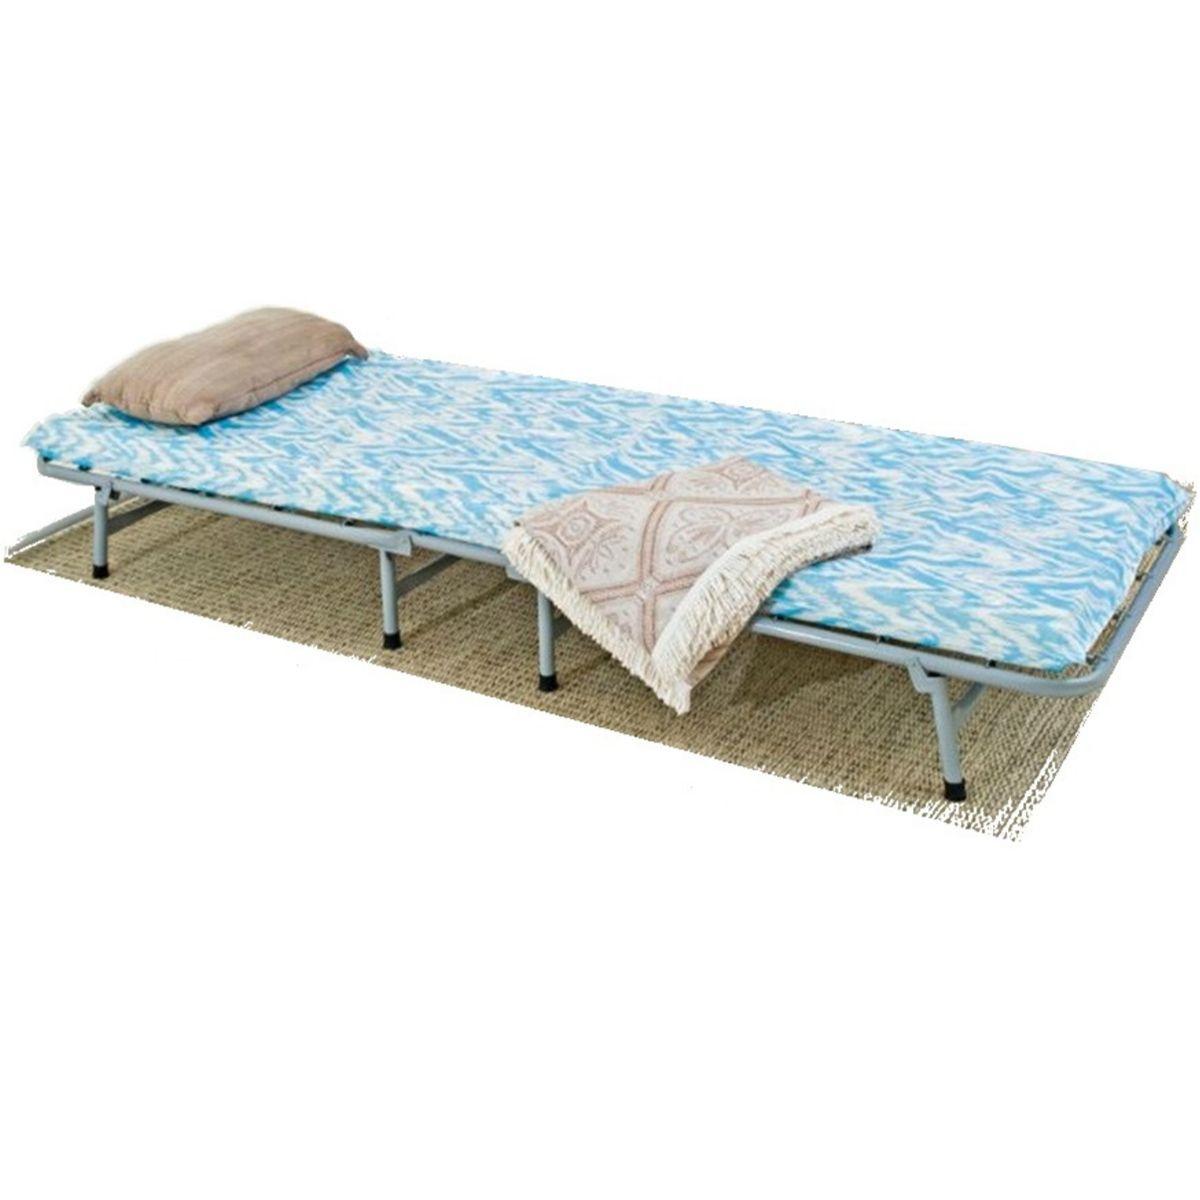 Colchão Solteiro Confortável Para Cama CP 1,73 x 0,60 x 0,06m Hashigo